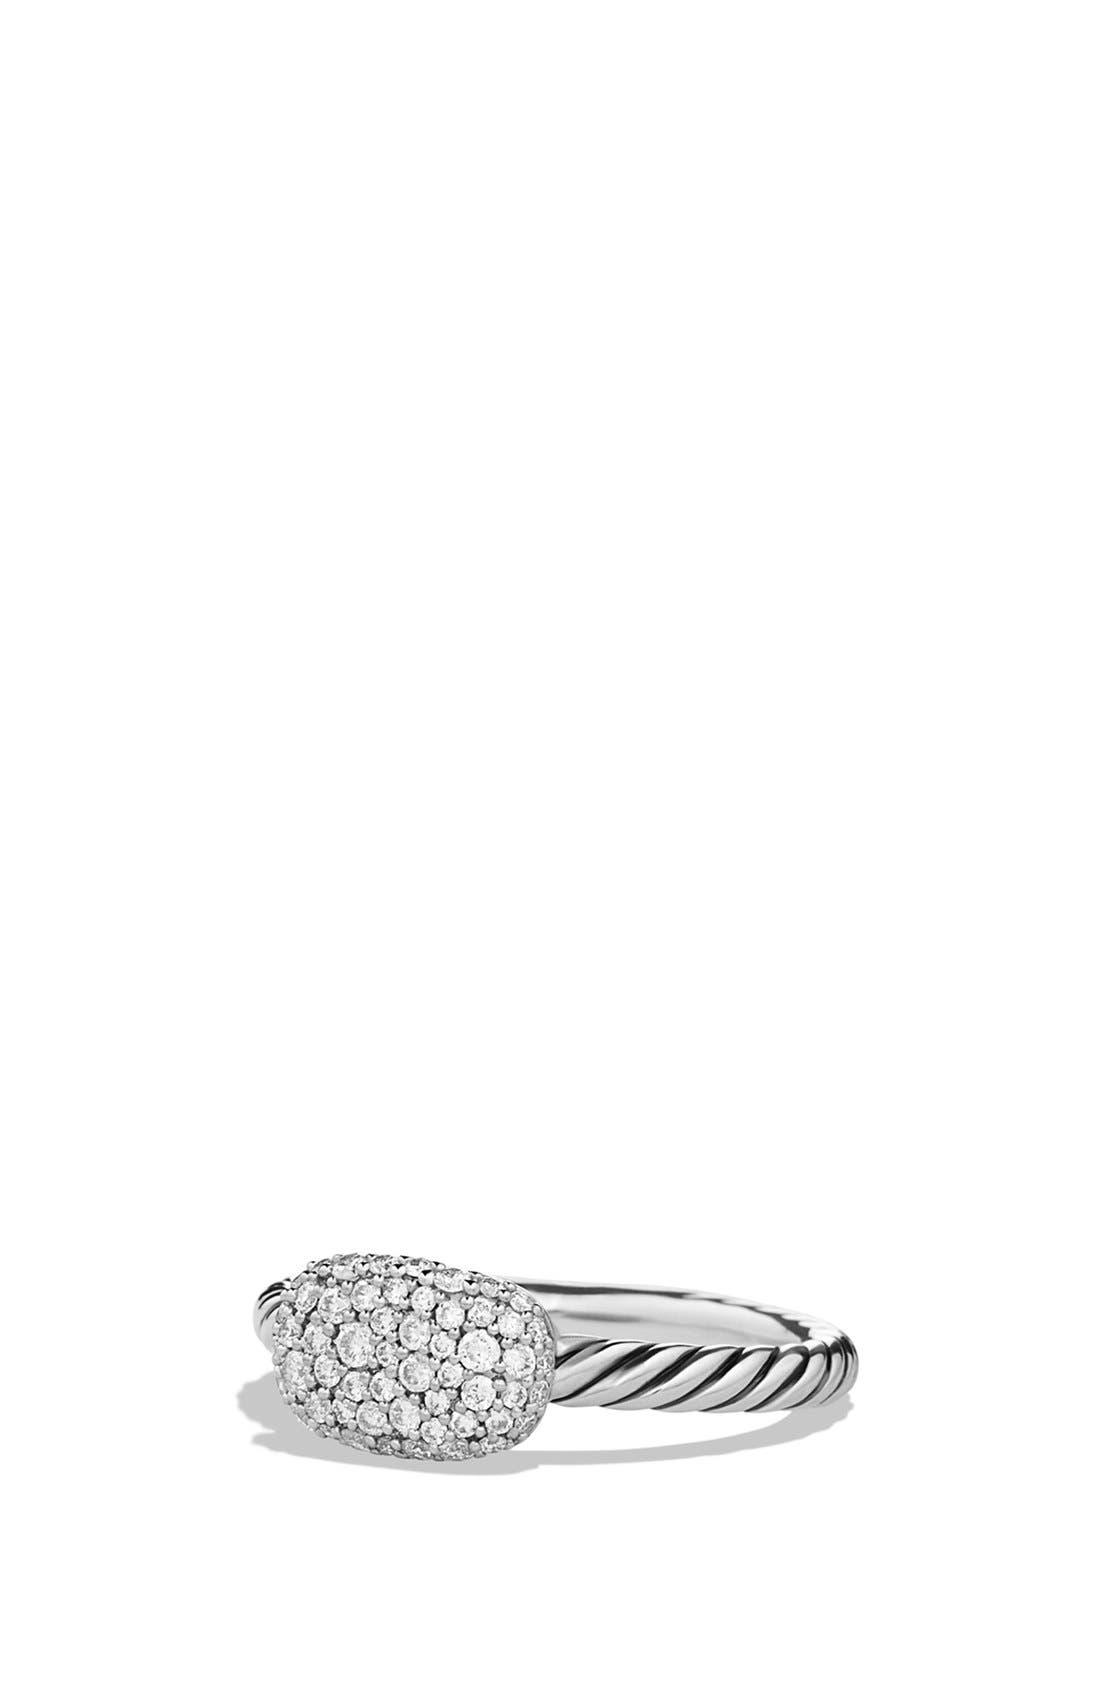 Alternate Image 1 Selected - David Yurman 'Petite' Pavé Cushion Ring with Diamonds